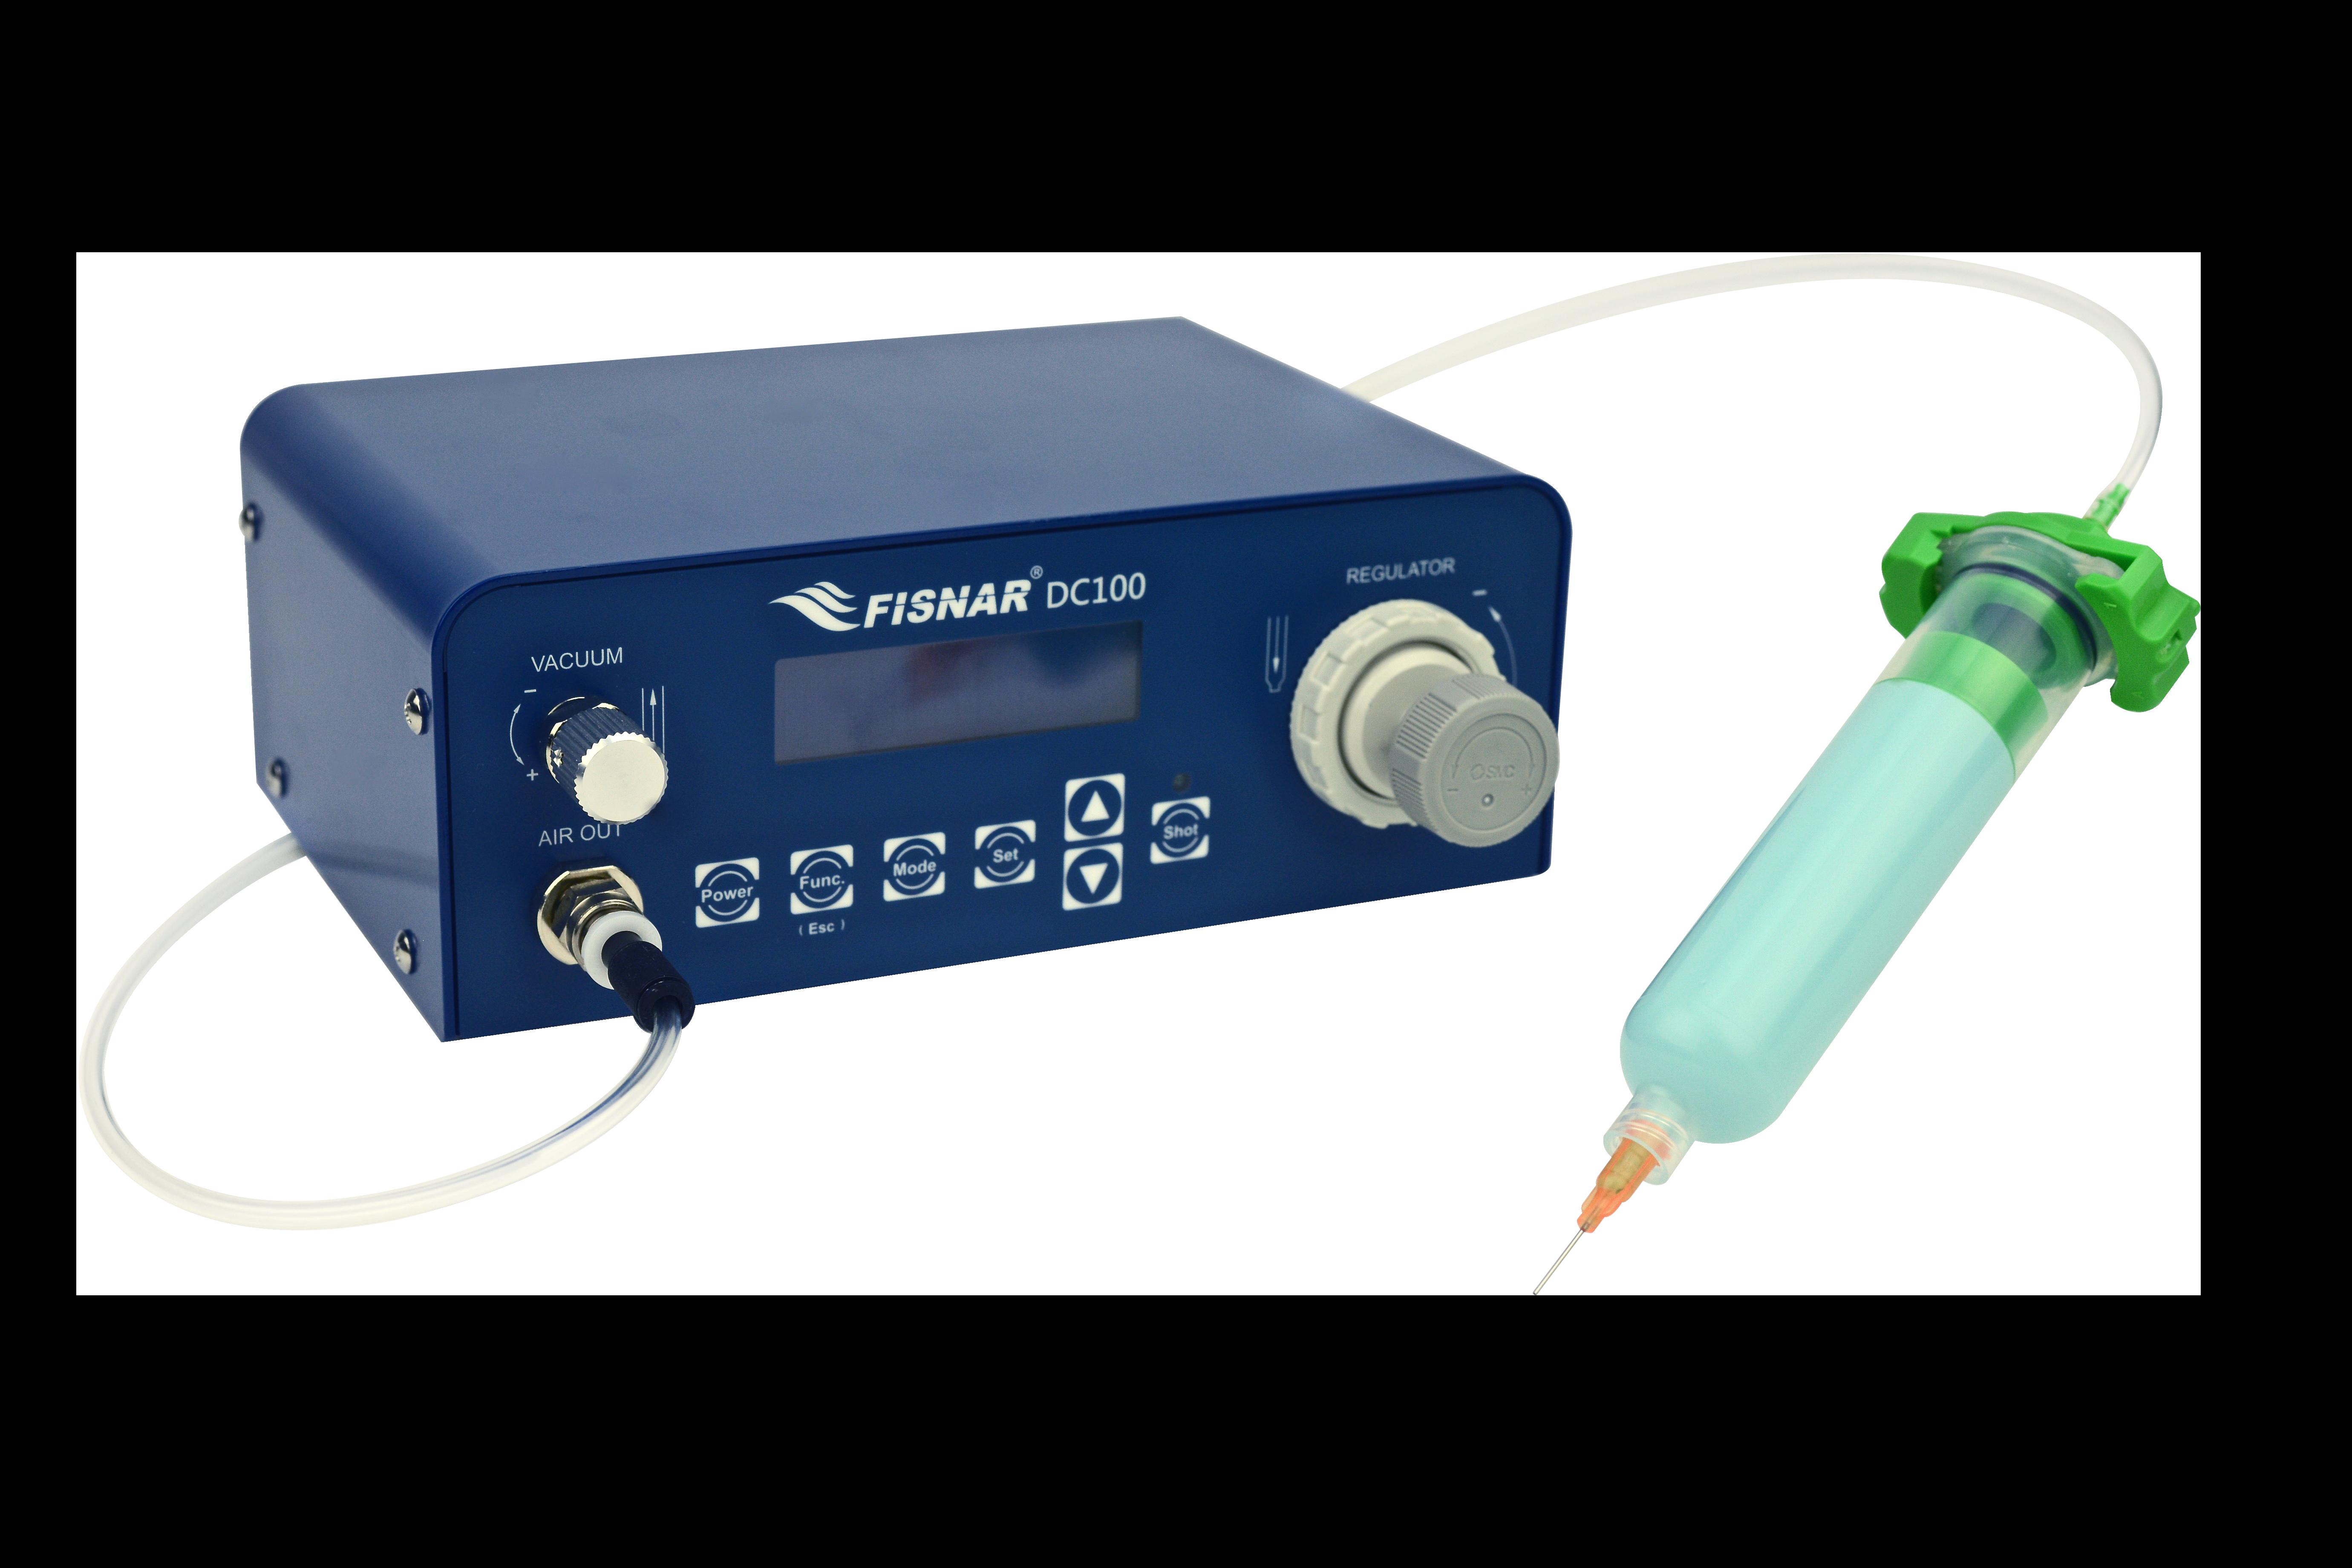 DC100 Digital Dispense Controller from Fisnar just got even better